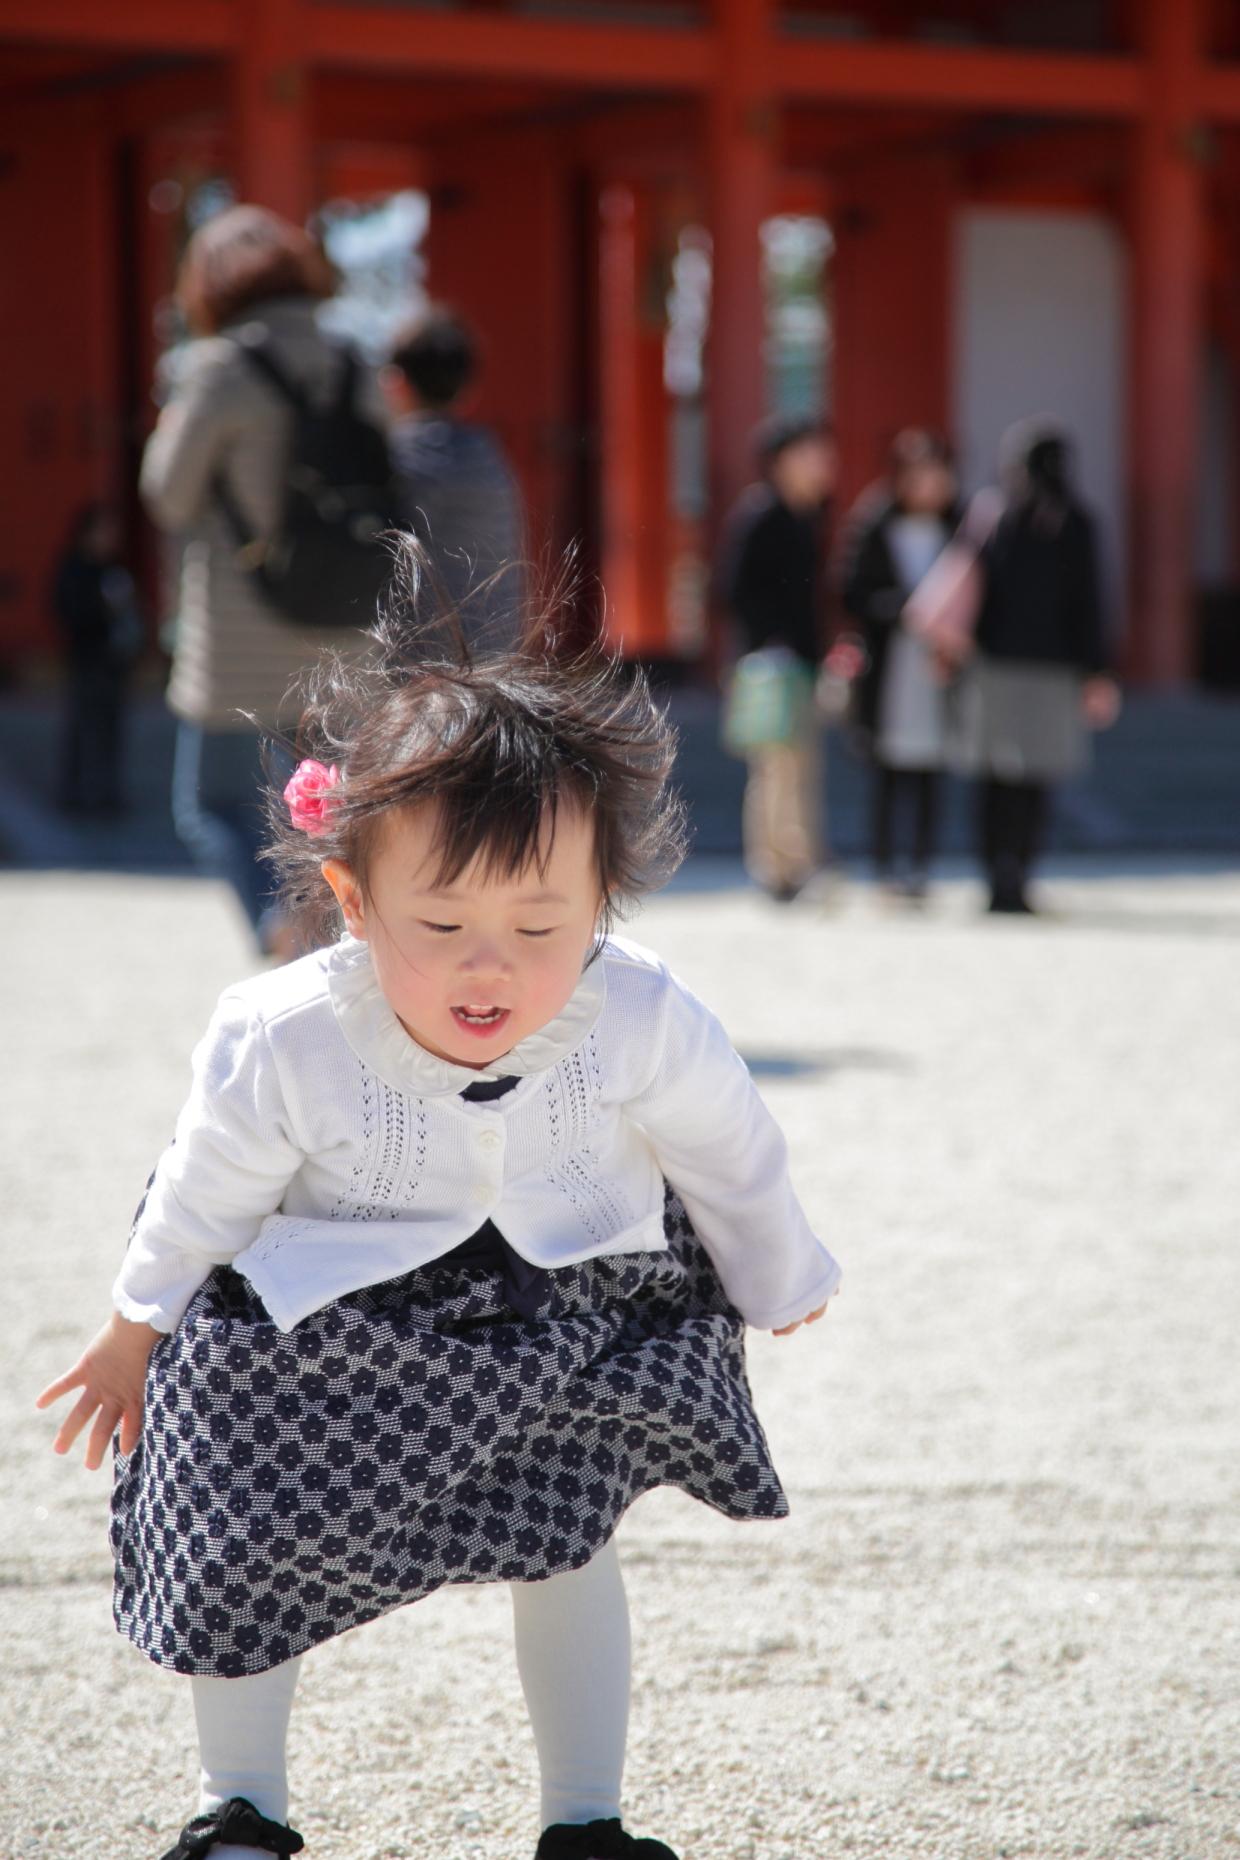 子ども出張撮影京都 女性カメラマン出張撮影 ロケーション撮影カメラマン